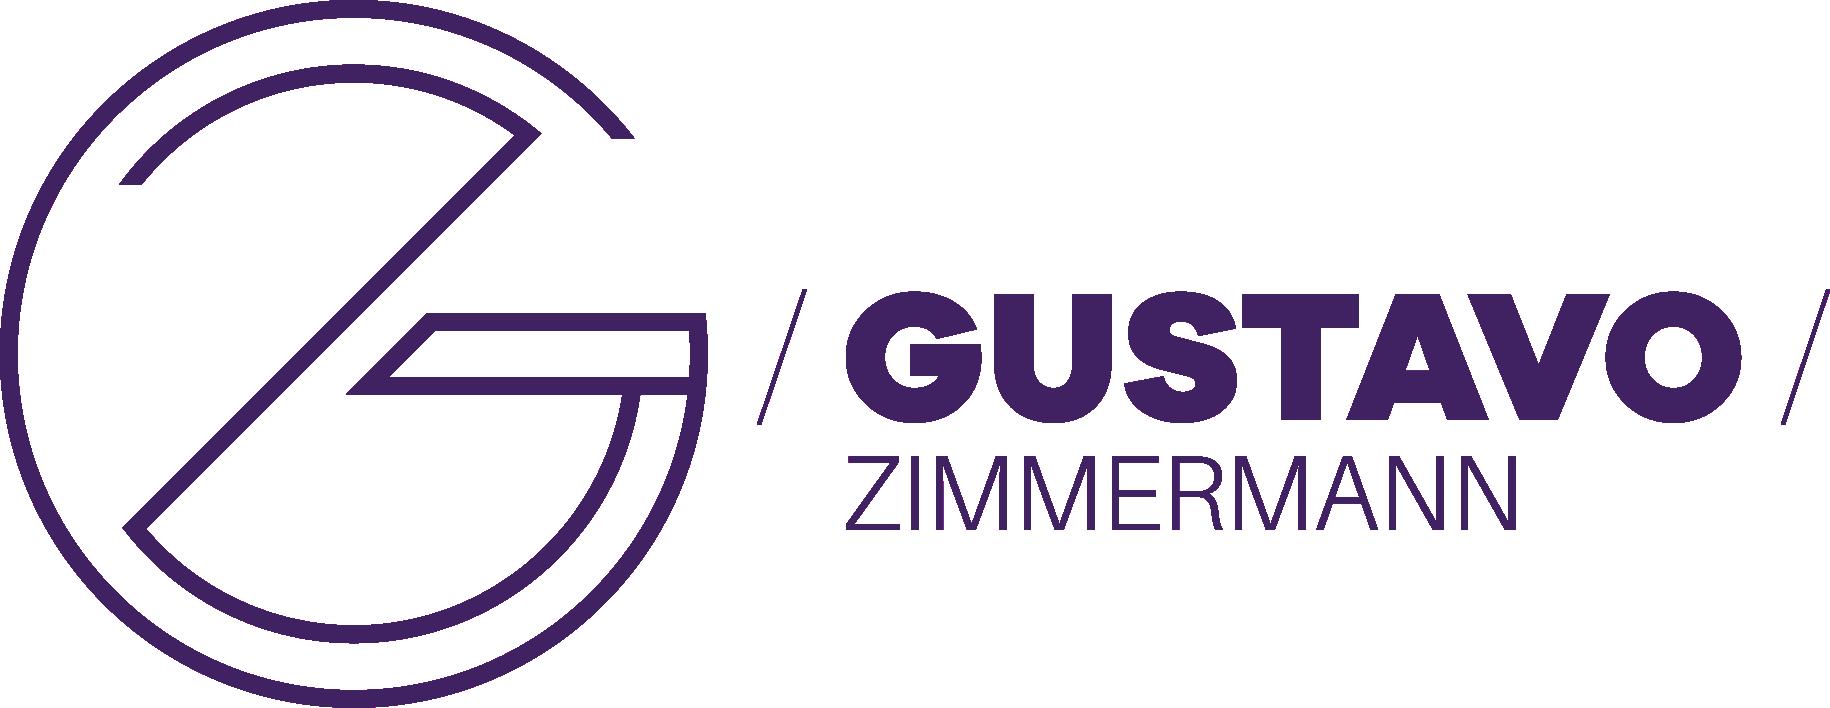 Gustavo Zimmermann